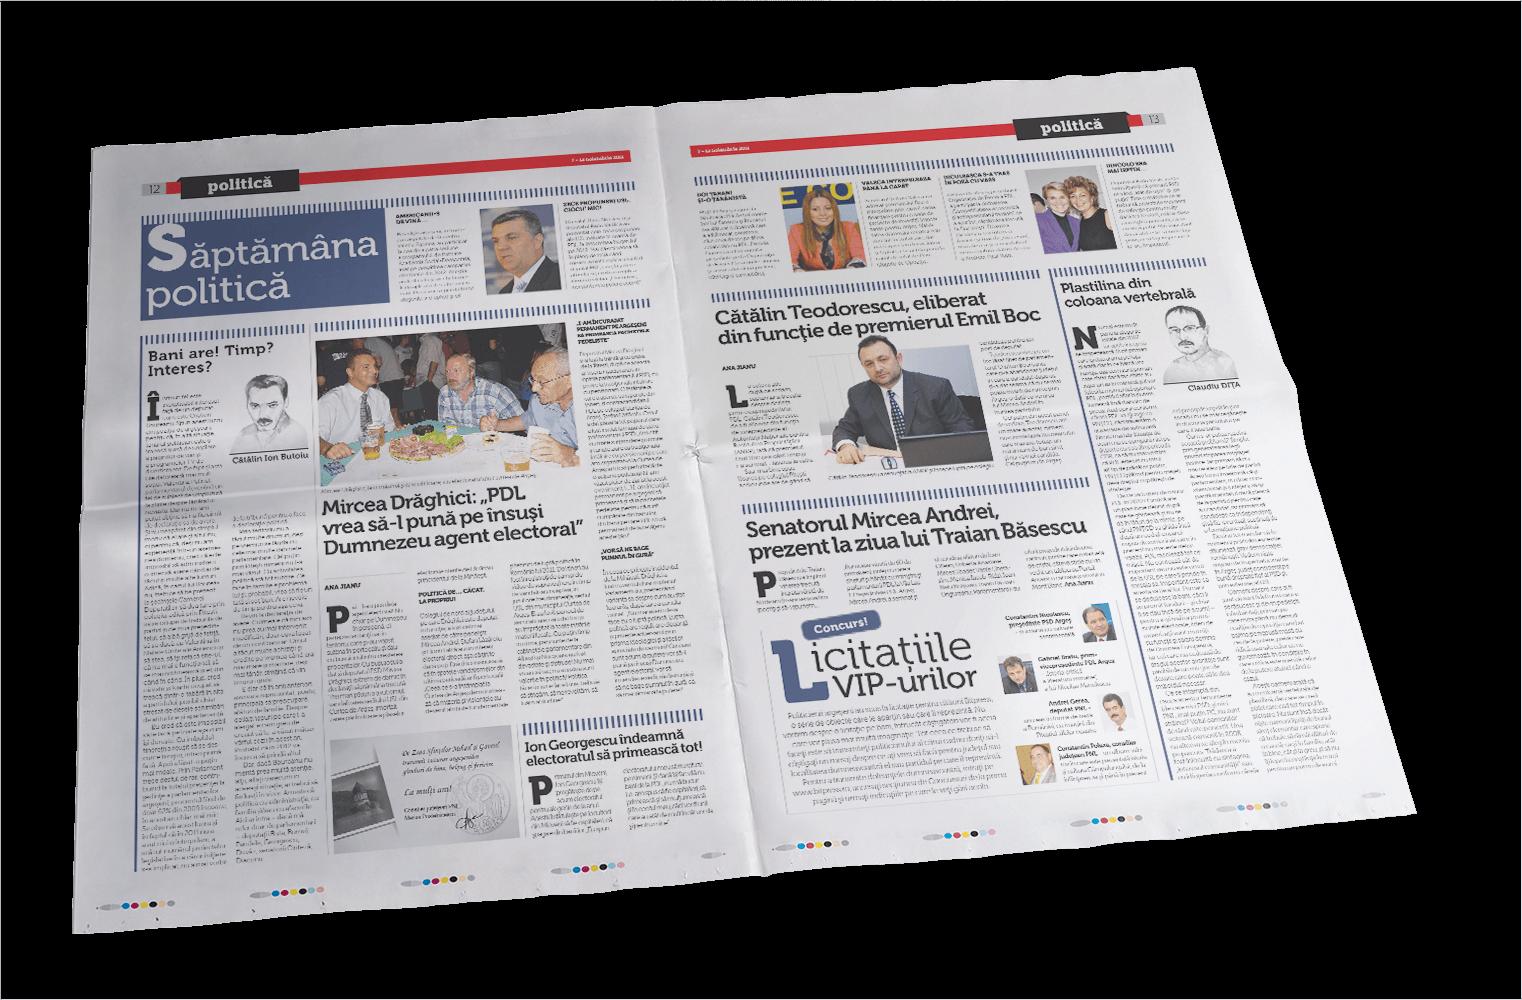 bitpress-magazine-newspaper_spread-5